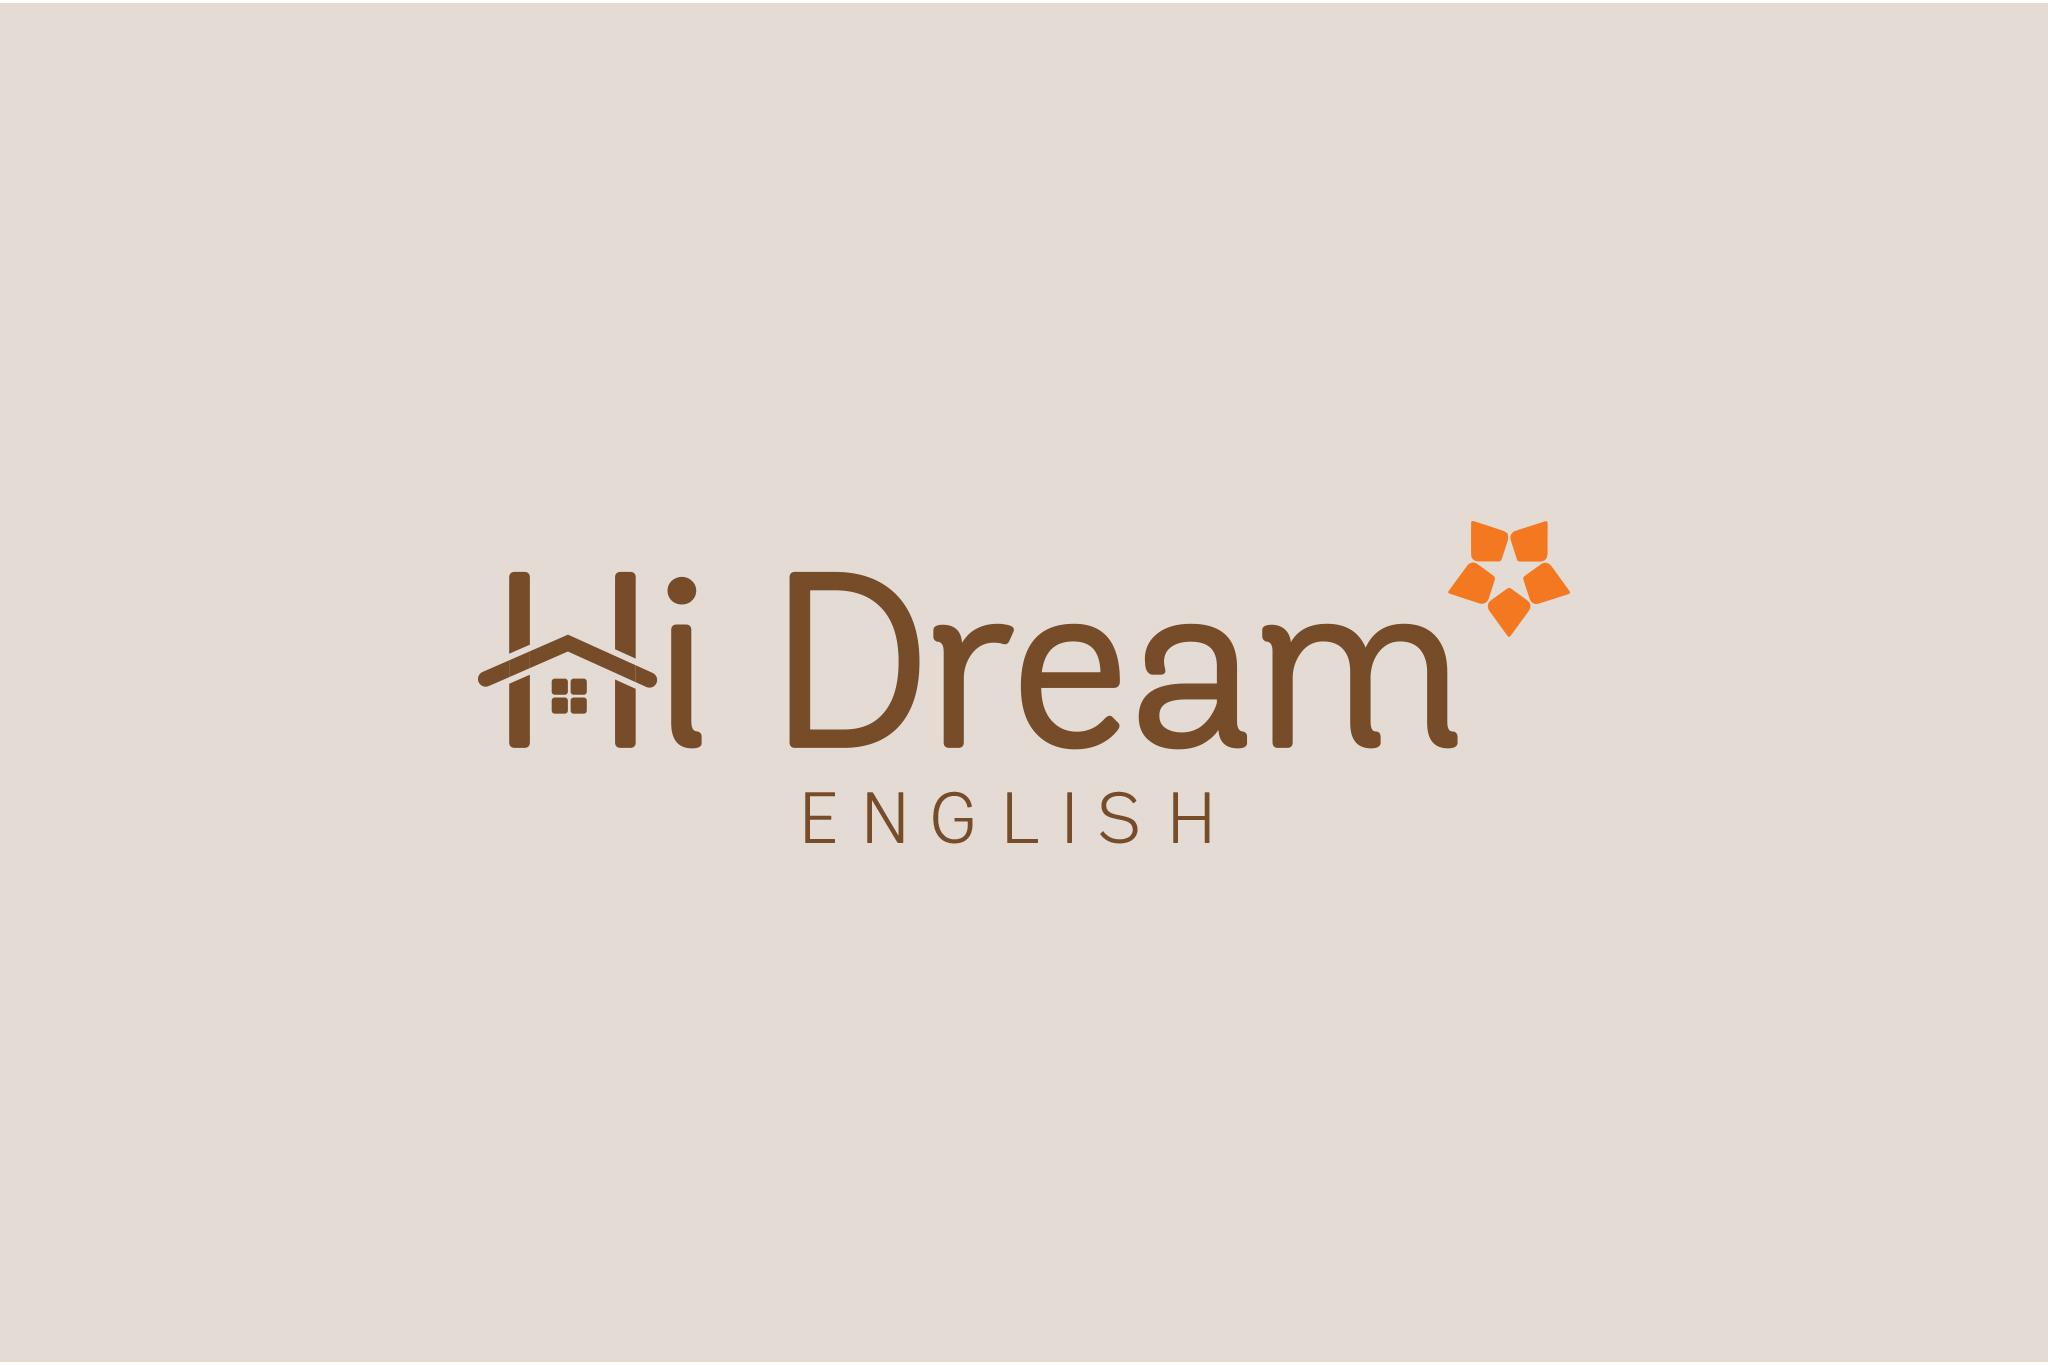 THIẾT KẾ LOGO HI DREAM ENGLISH